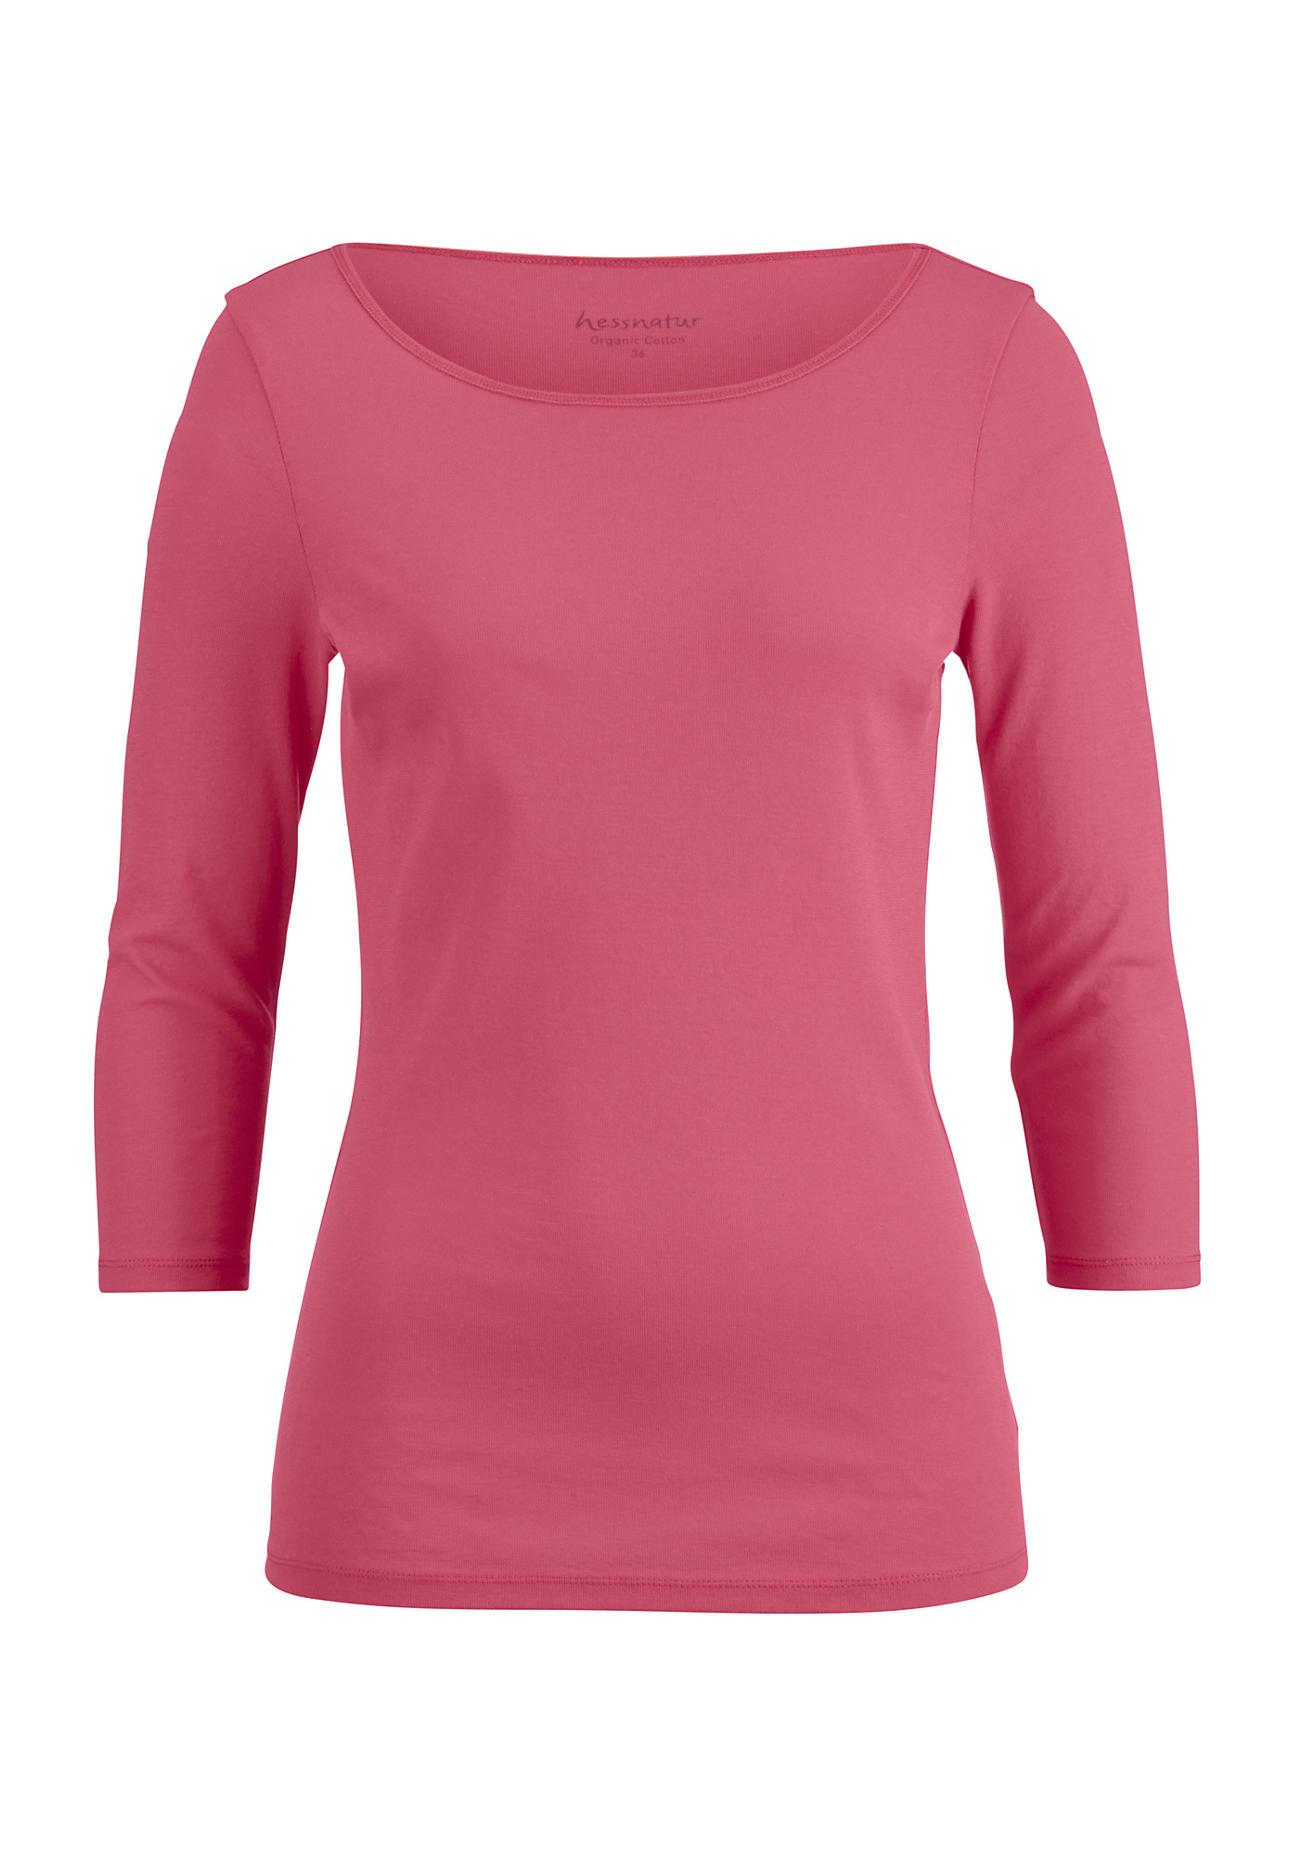 hessnatur -  Damen Shirt aus Bio-Baumwolle – rot – Größe 44